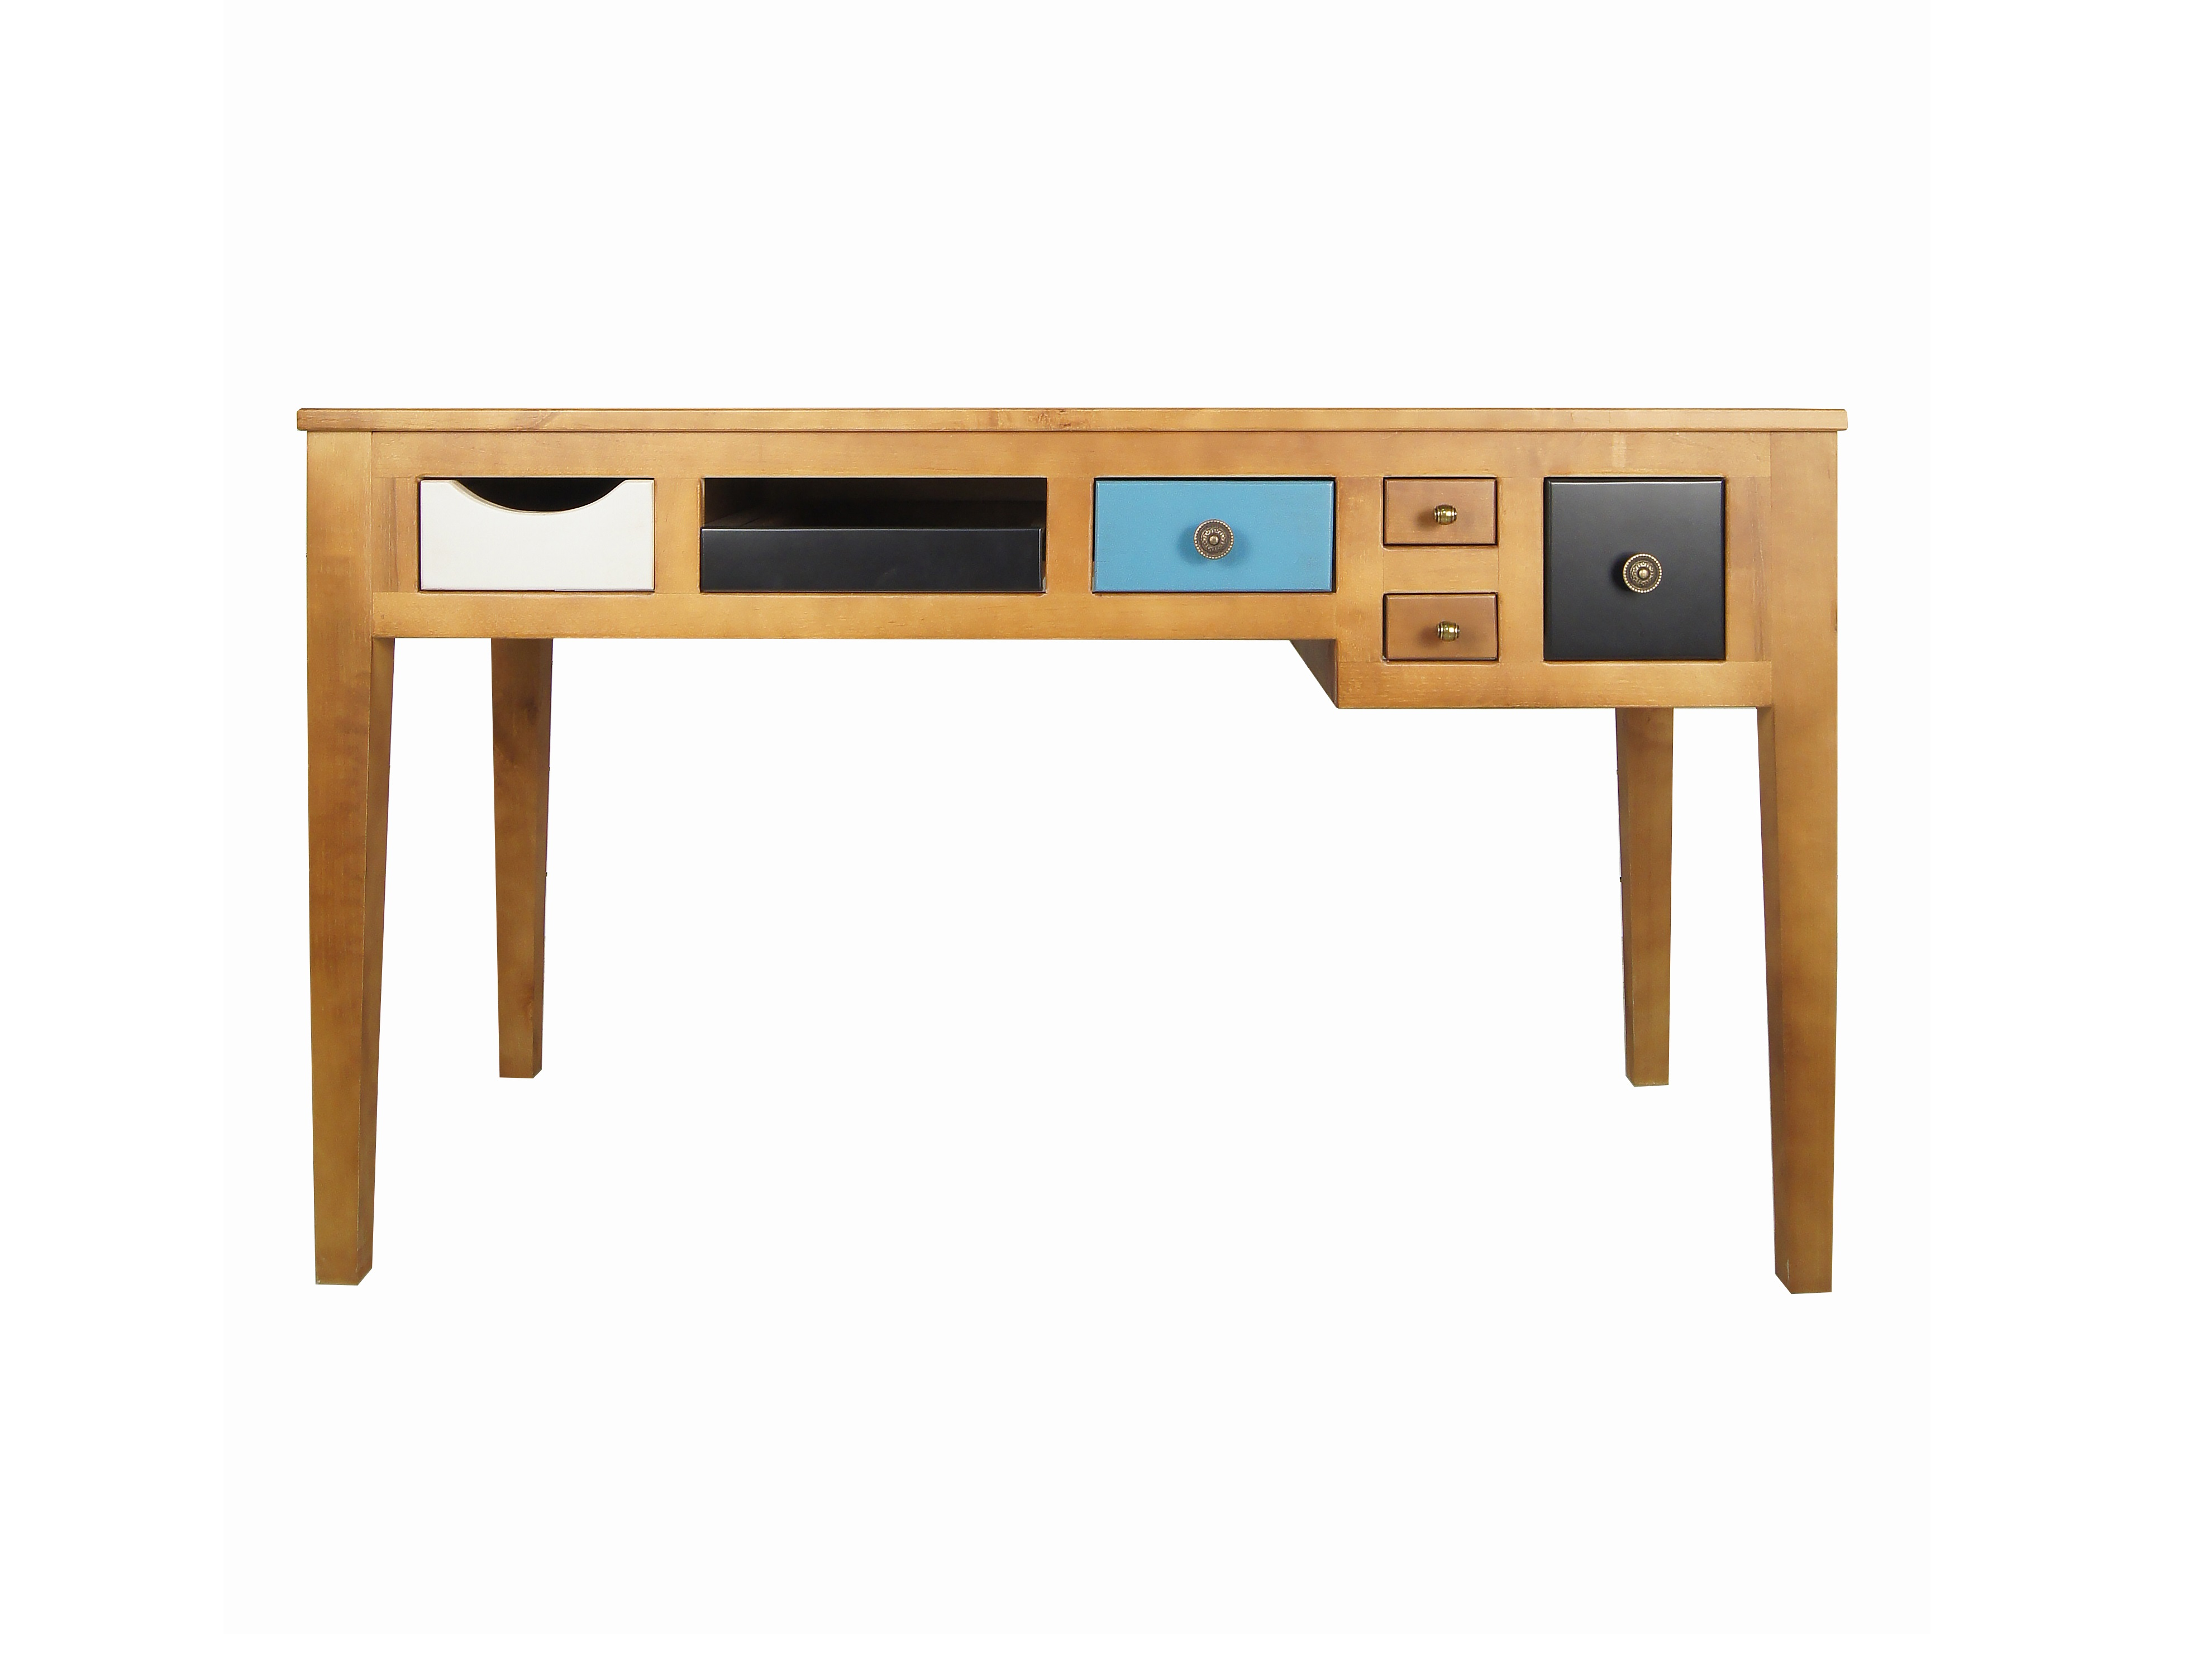 Рабочий стол Aquarelle BirchПисьменные столы<br><br><br>Material: Береза<br>Ширина см: 135<br>Высота см: 75<br>Глубина см: 60